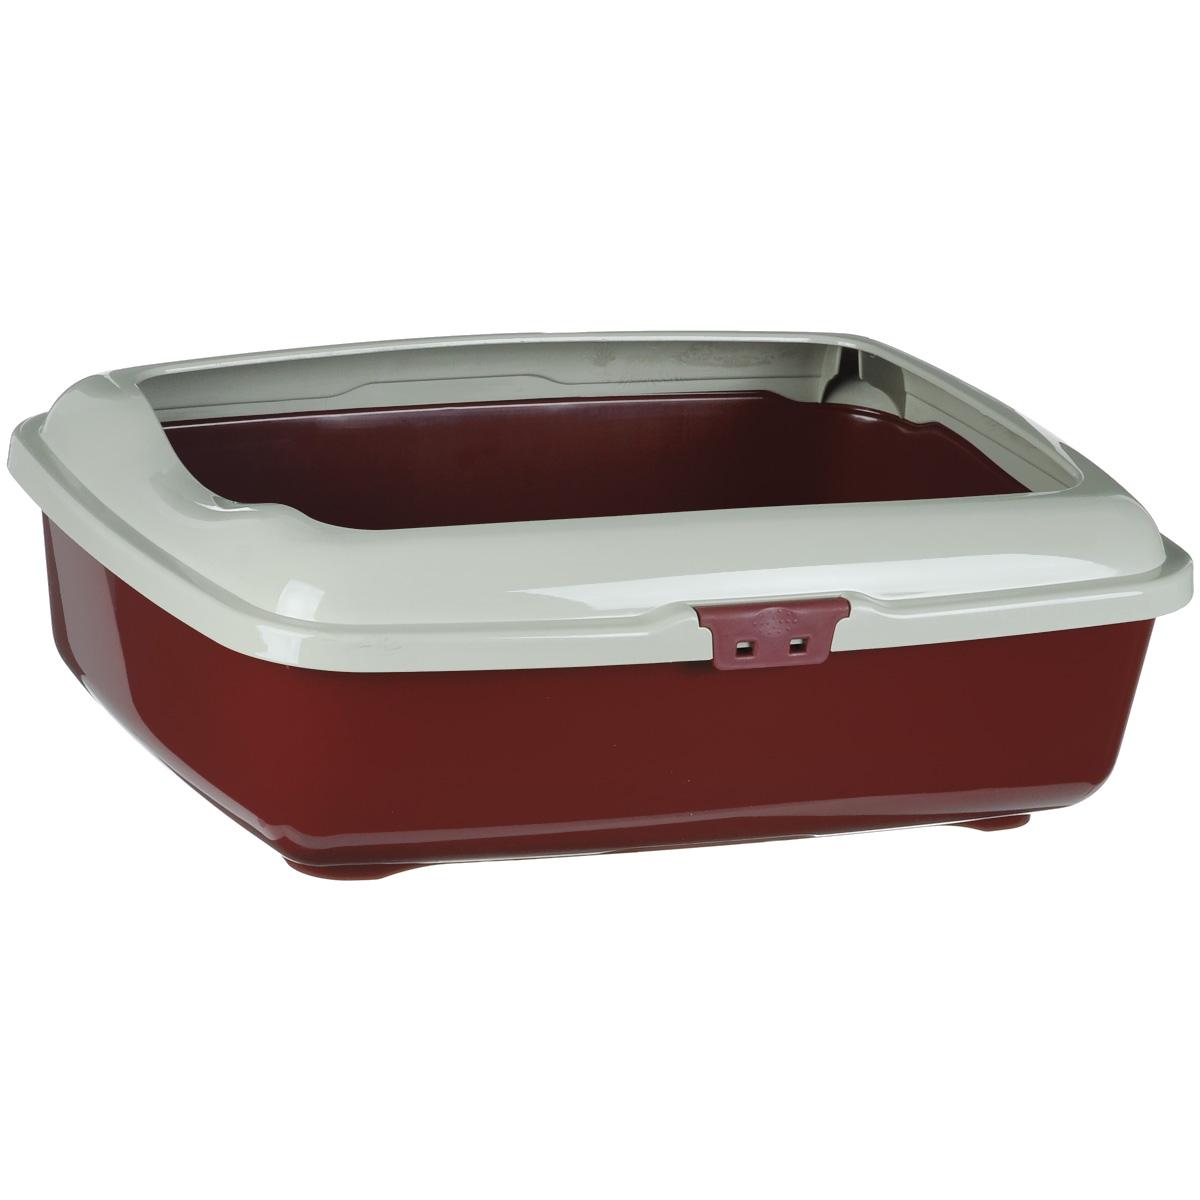 """Туалет для кошек Marchioro """"Goa"""", с бортом, цвет: бордовый, бежевый, 48,5 см х 36 см х 16 см"""